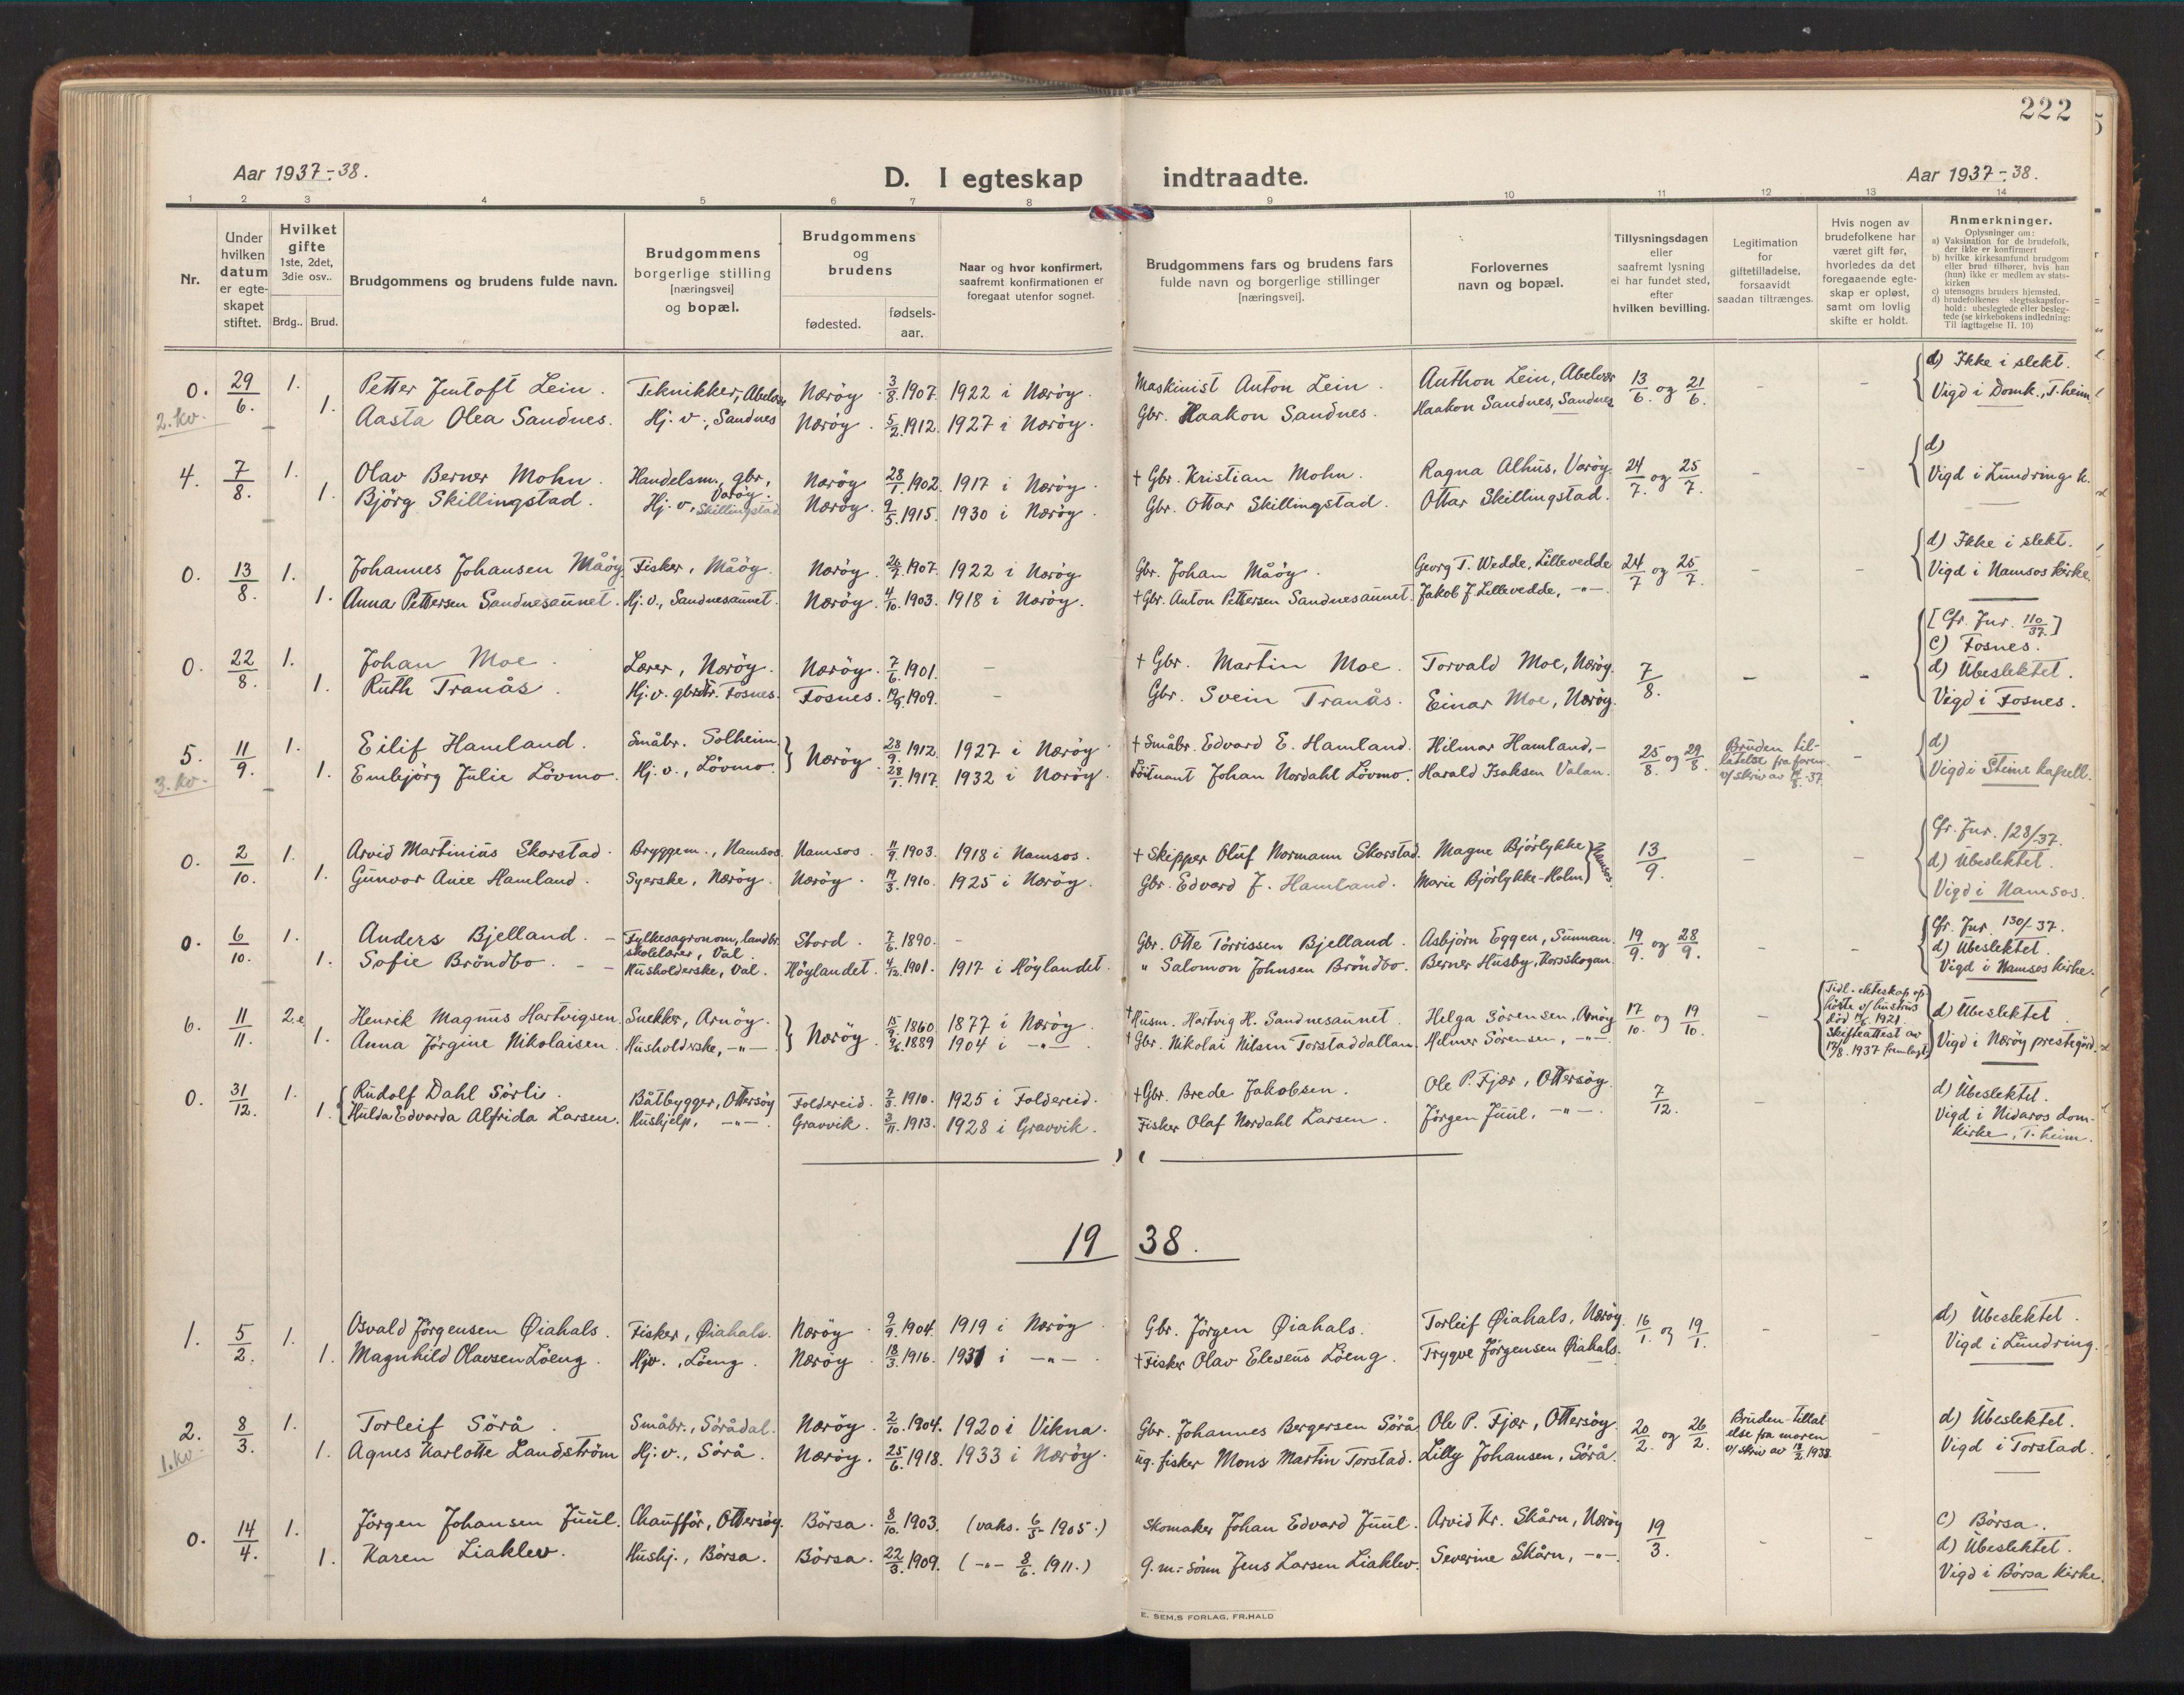 SAT, Ministerialprotokoller, klokkerbøker og fødselsregistre - Nord-Trøndelag, 784/L0678: Ministerialbok nr. 784A13, 1921-1938, s. 222